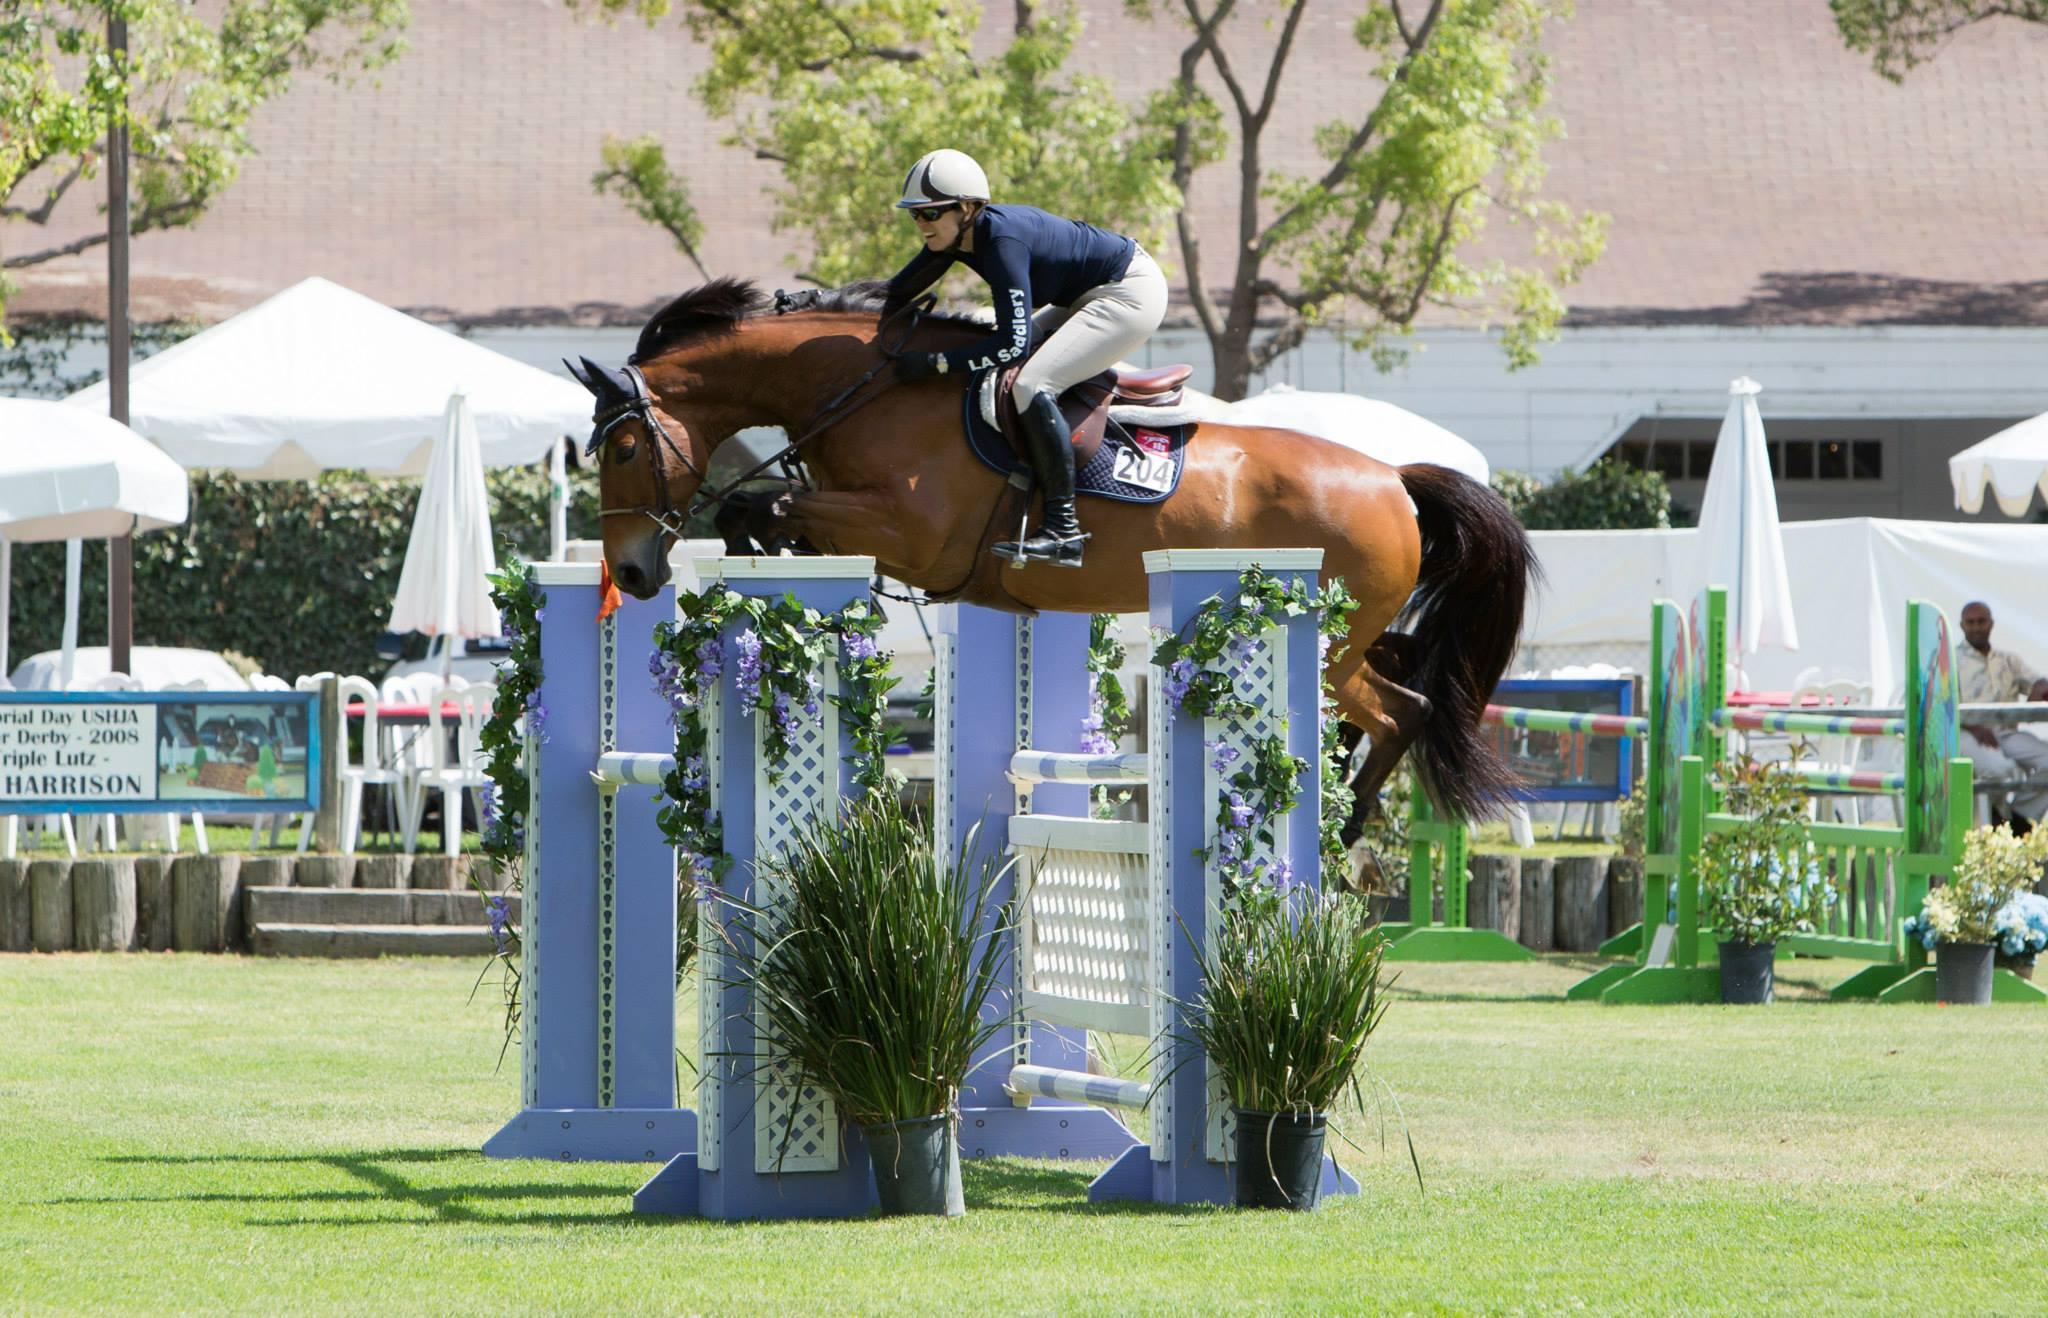 EquestrianCoach.com Blog